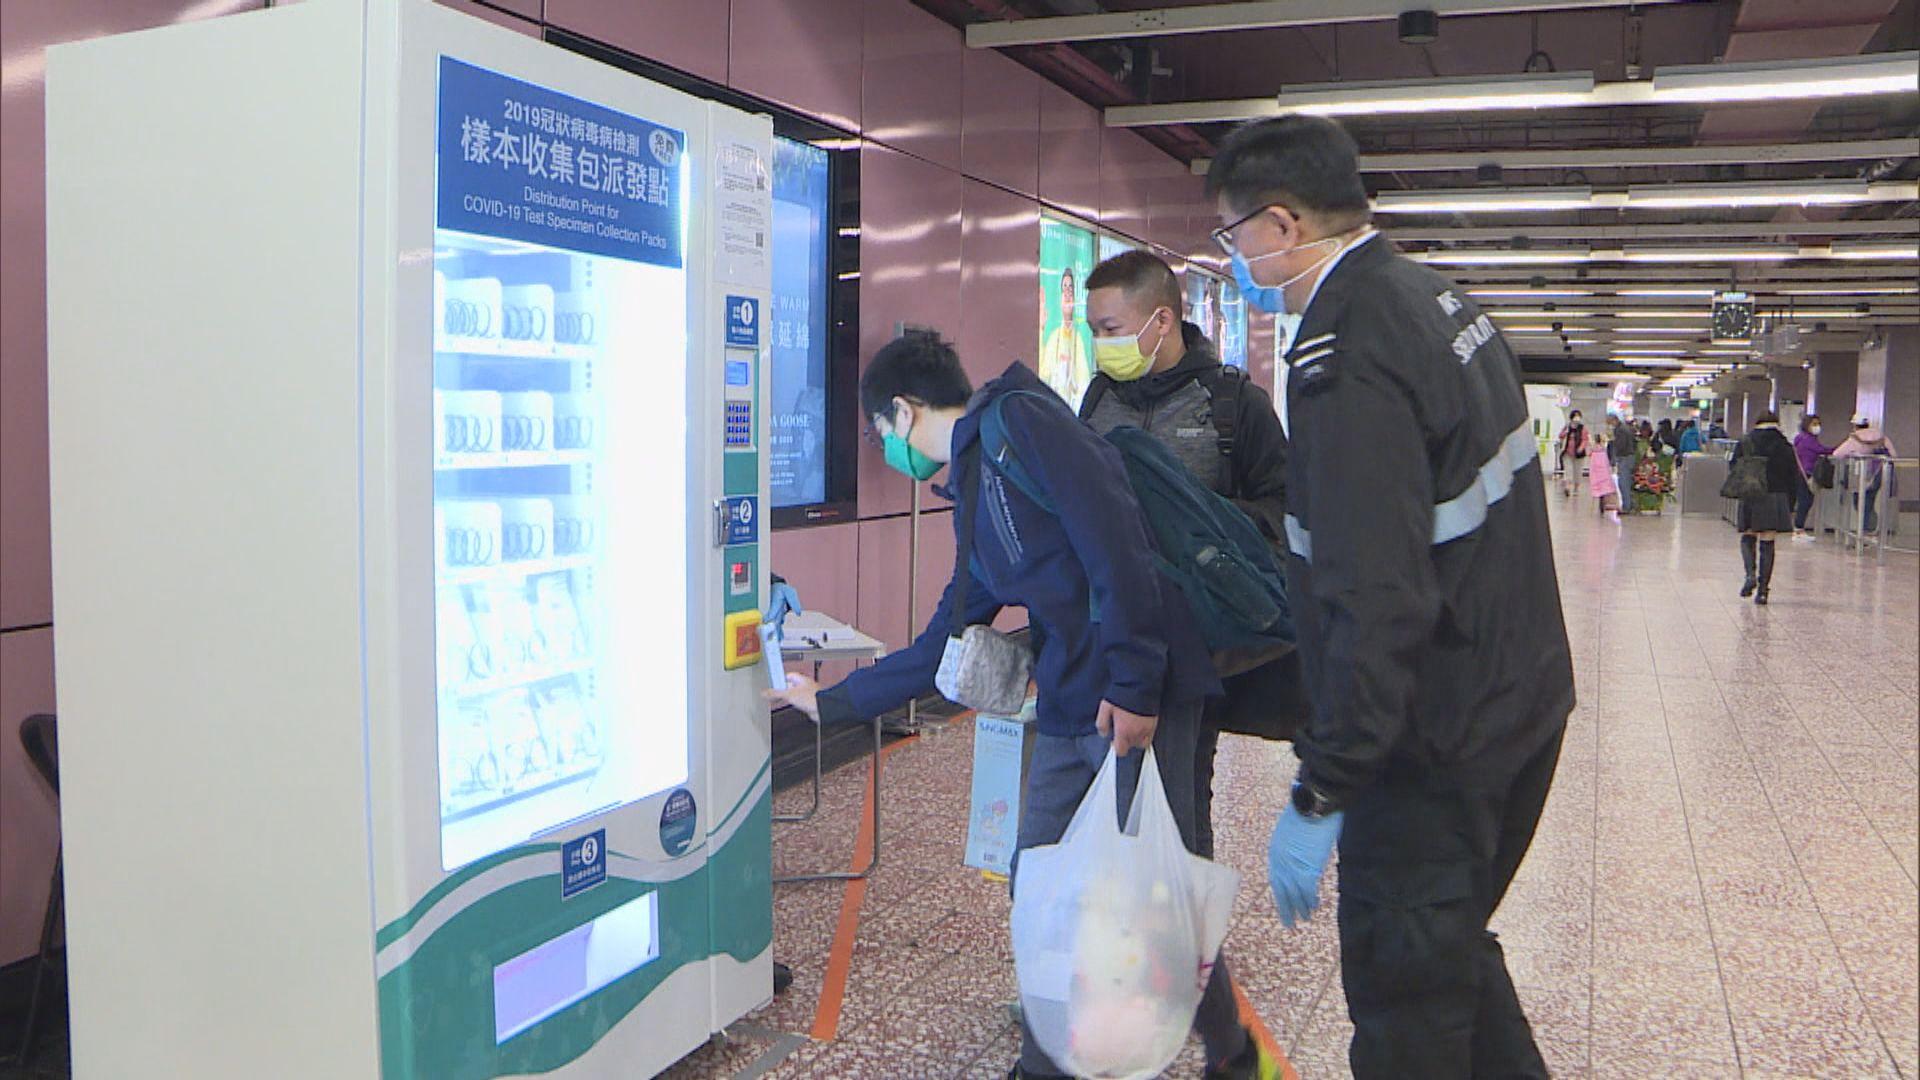 多十港鐵站增設樣本收集包自動派發機